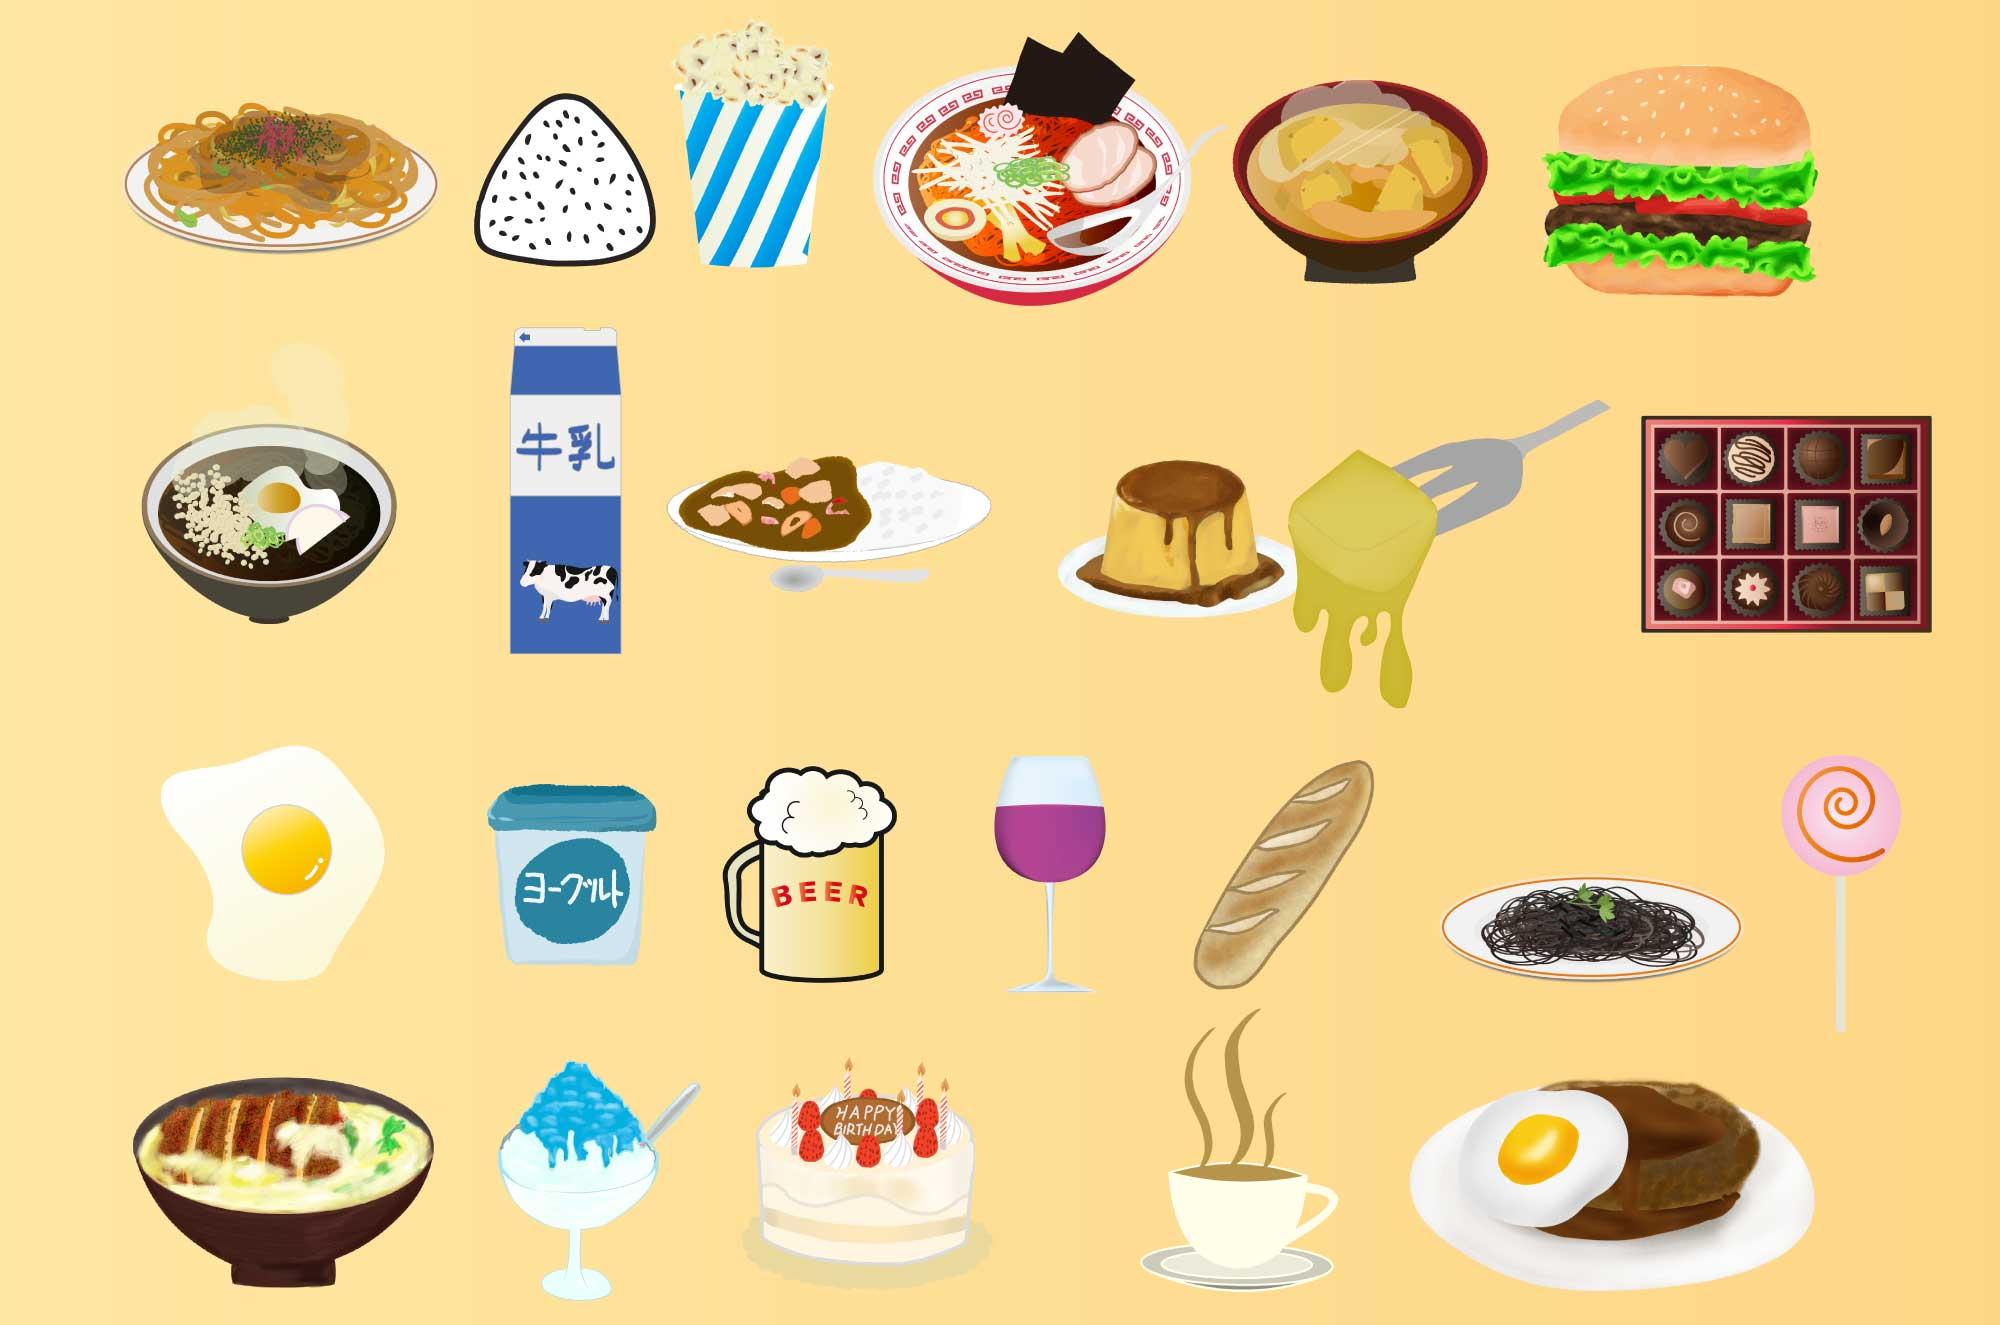 食べ物のイラスト - 無料で使える食のイメージ素材集